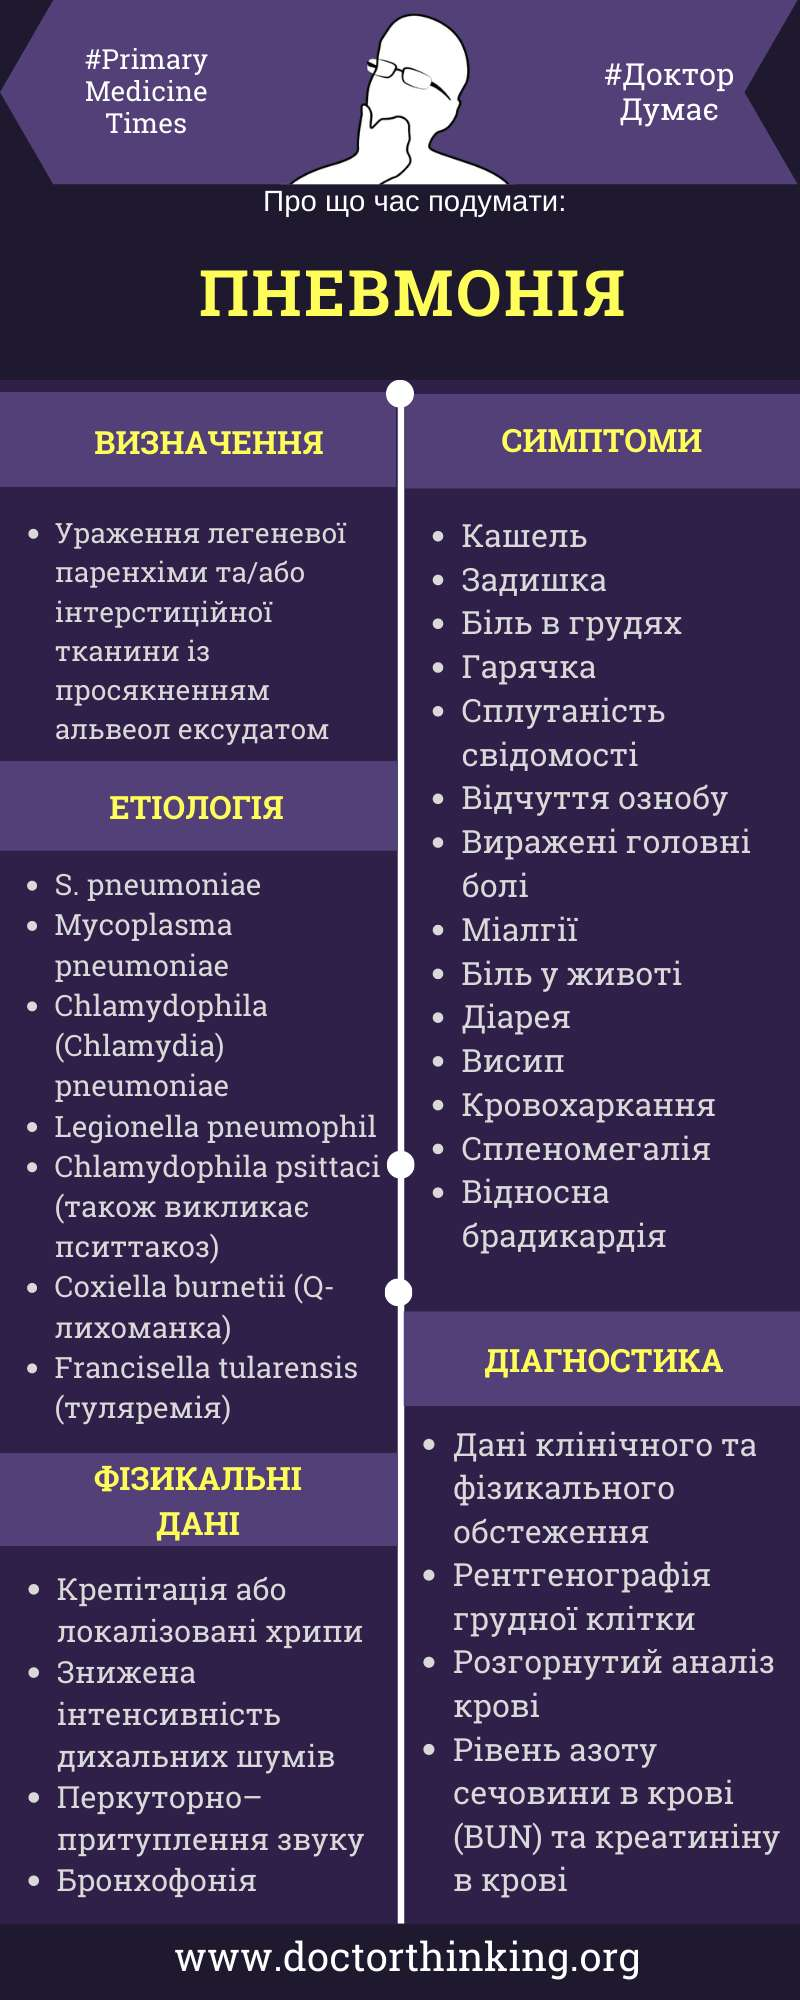 Пневмонія етіологія та діагностика інфографіка